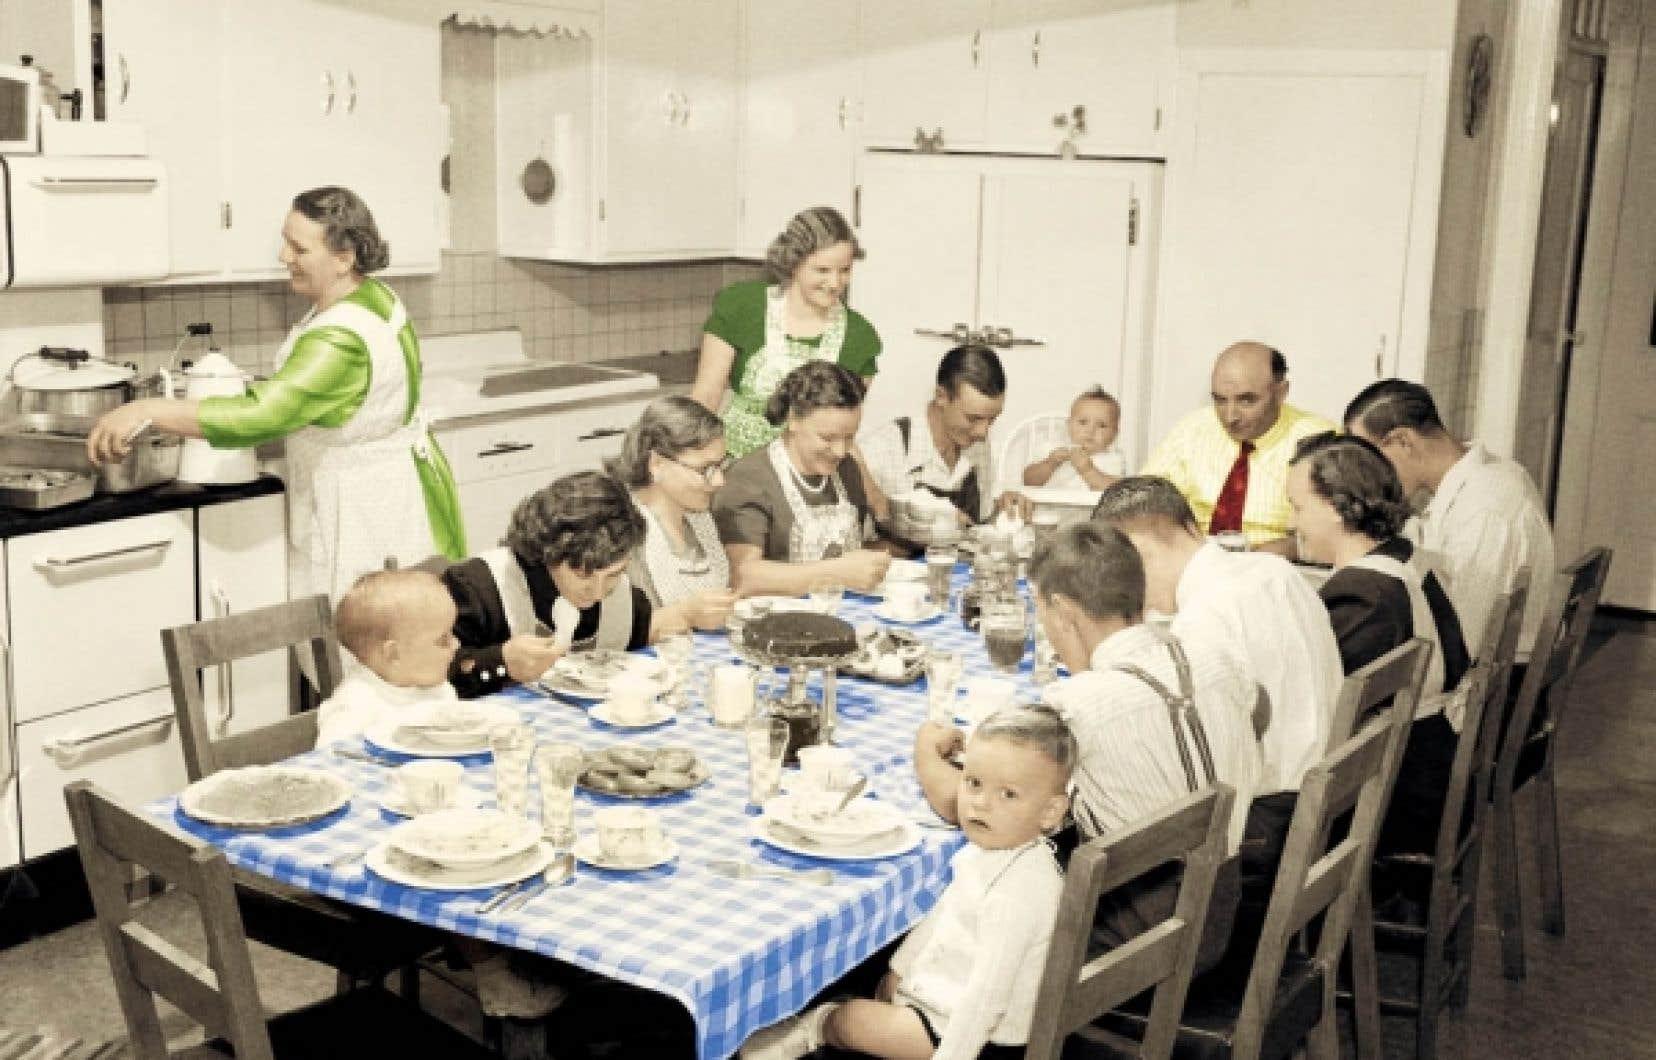 Repas en famille chez Adrien Laberge a? Cha?teauguay, 1950.